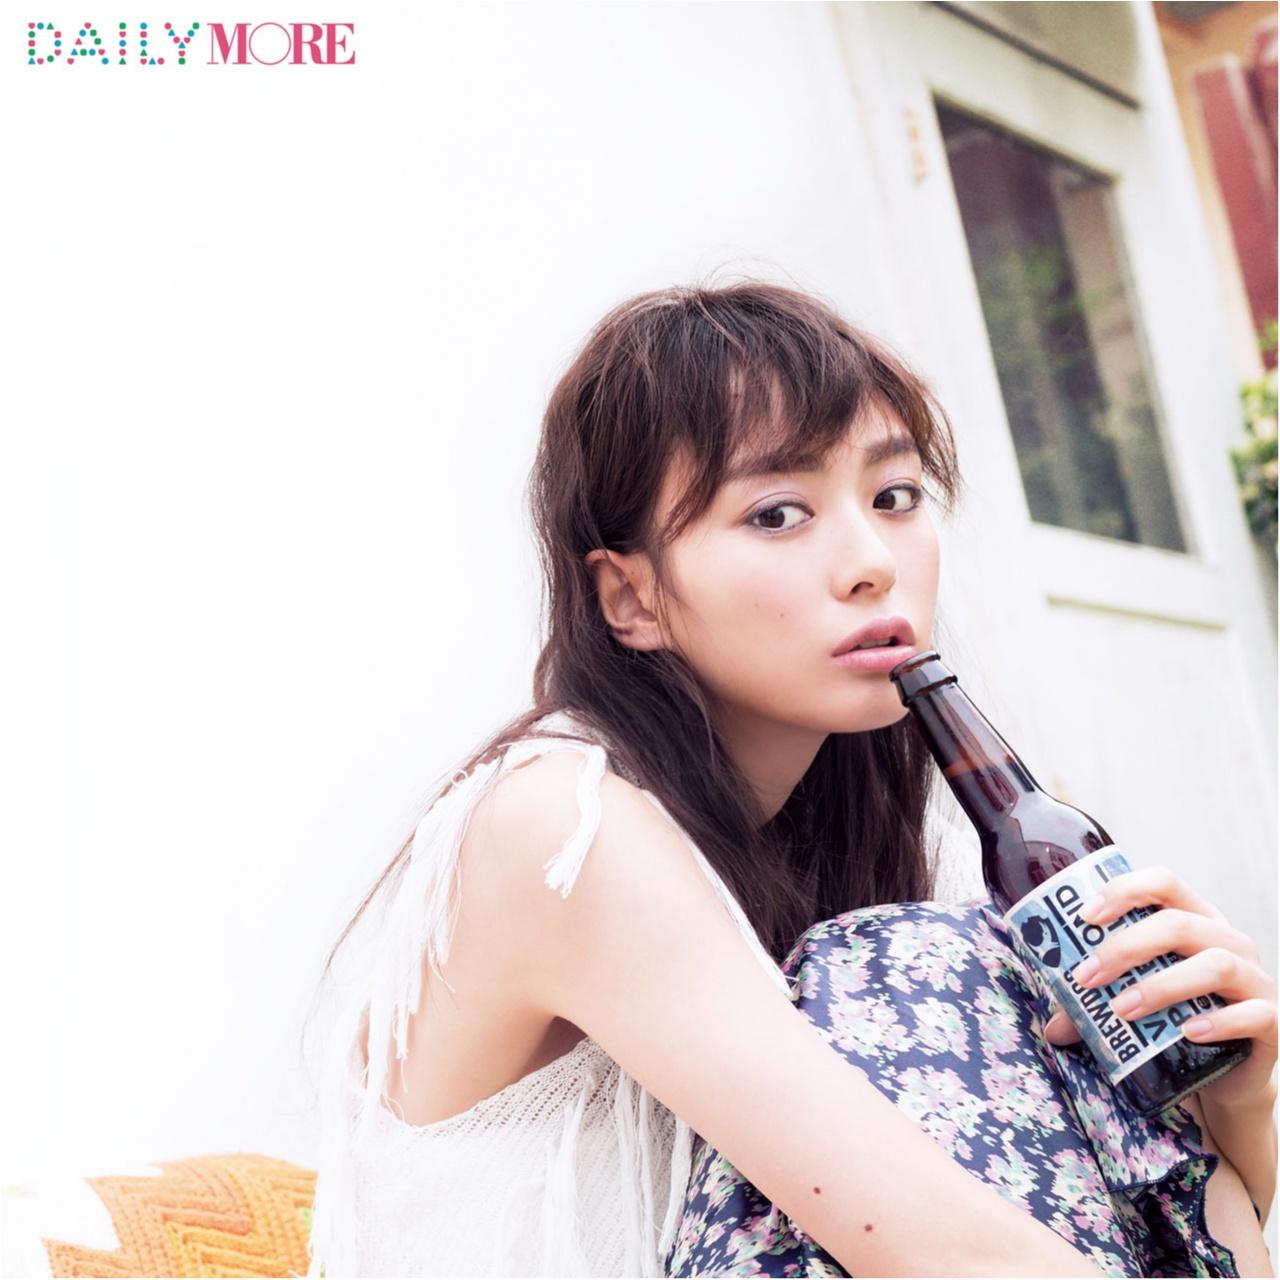 内田理央出演! 大人気ヘア&メイク、イガリシノブさんの「女子会でビアガーデンに行く日」のメイク♡_1